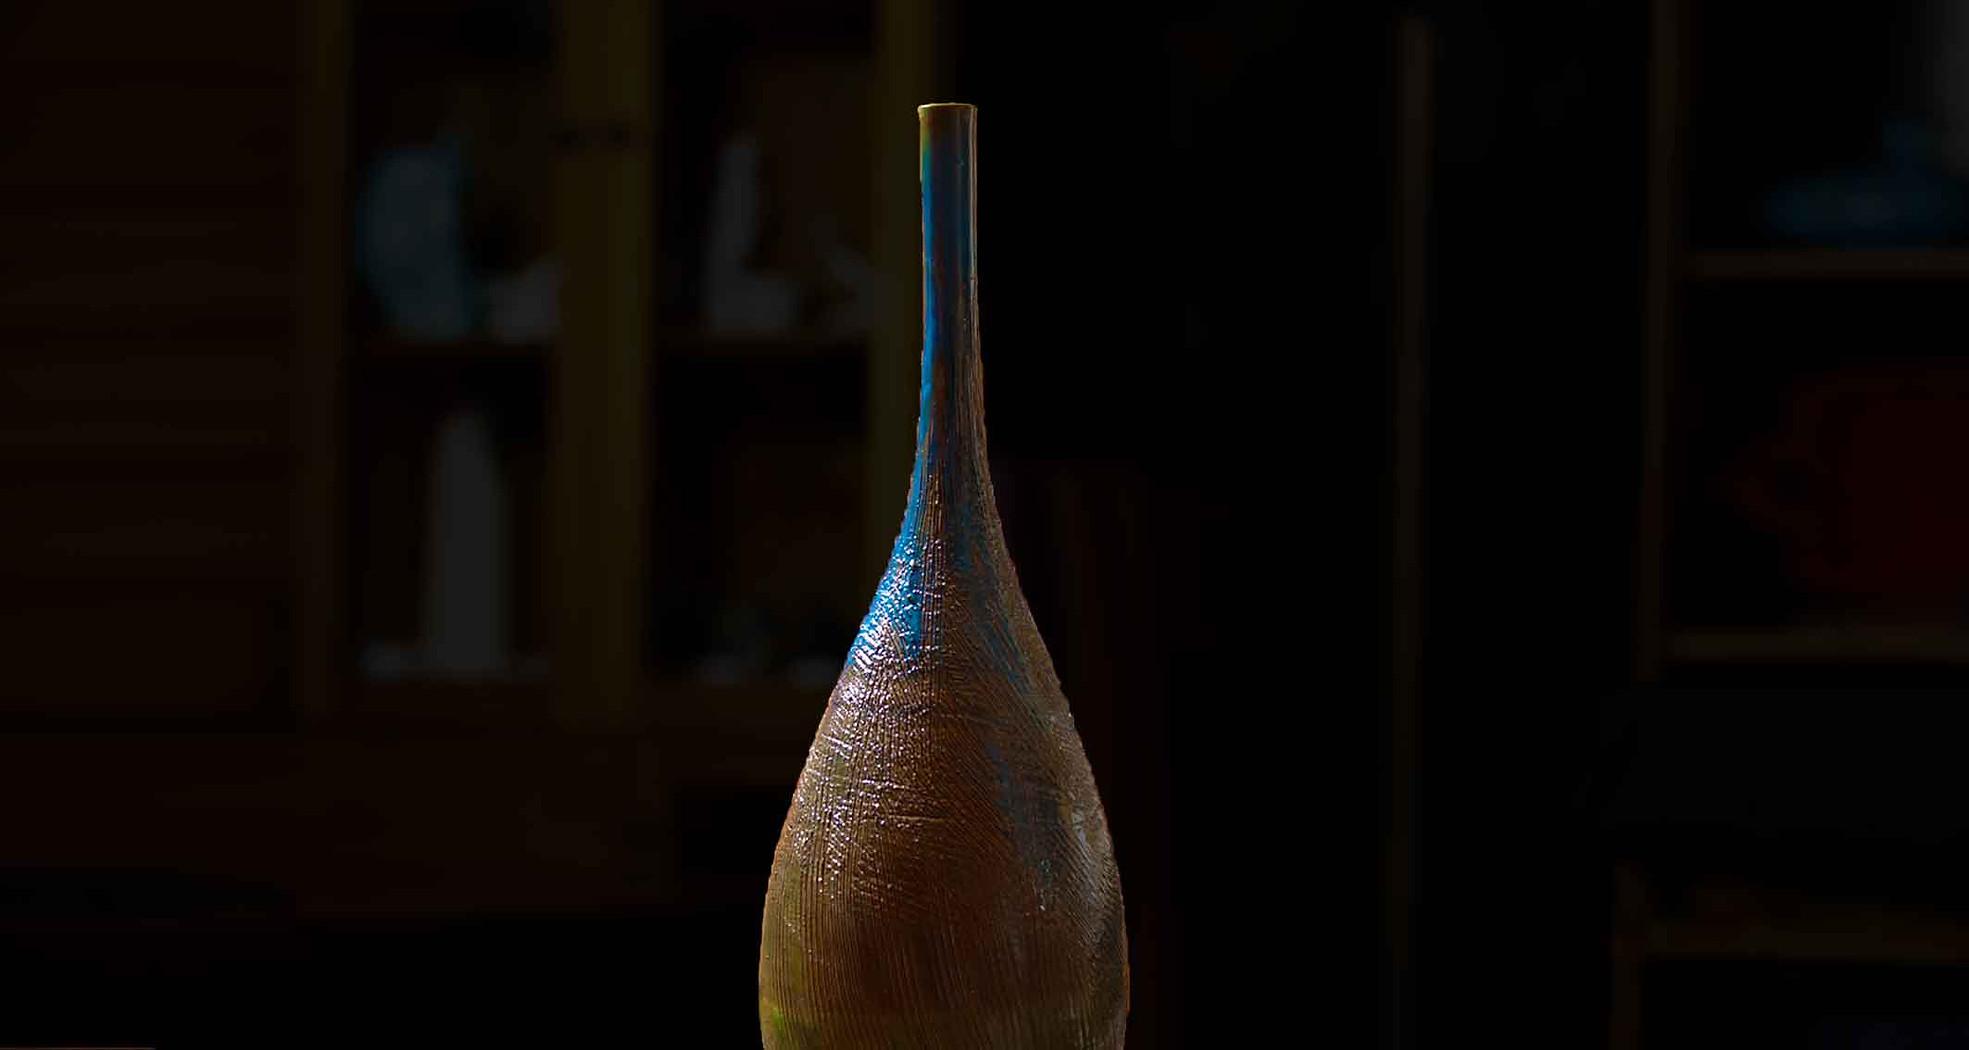 Vaso Bottiglia 70 cm di un fantastico blu cangiante, con sfumature che spaziano dal turchese al bronzo